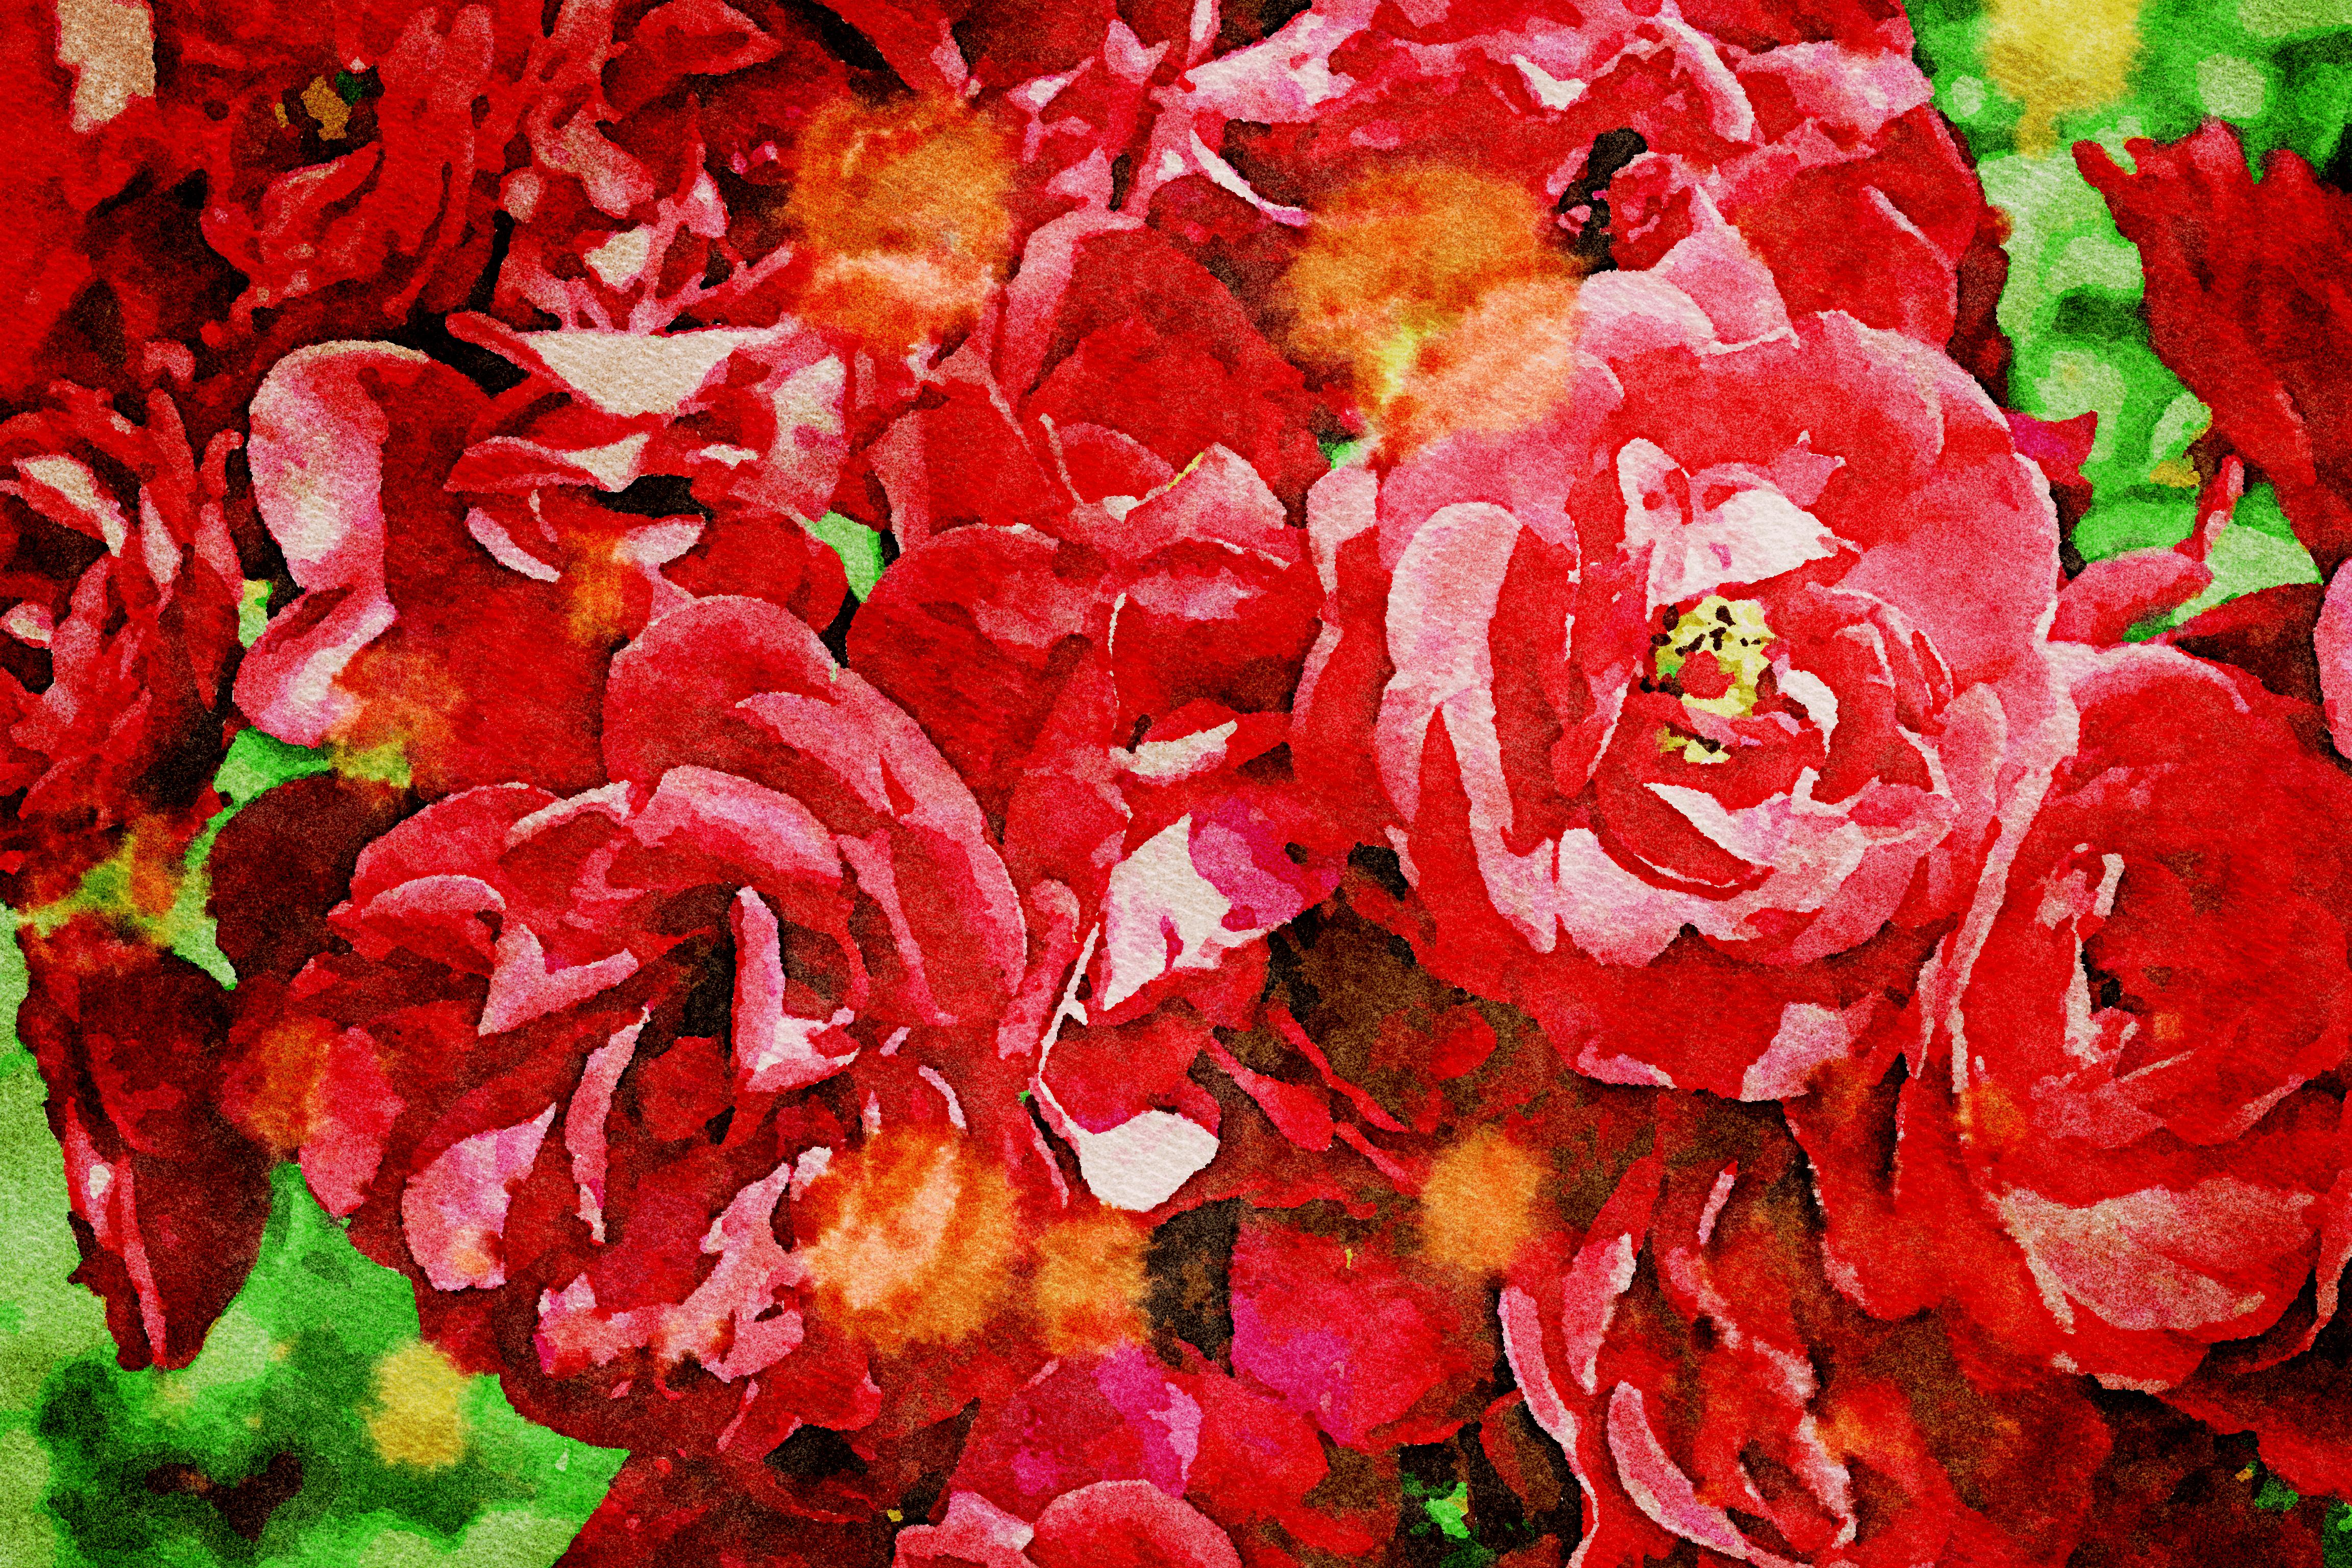 Imagen Gratis Fotomontaje Rosas Jardín Arte Hoja Naturaleza